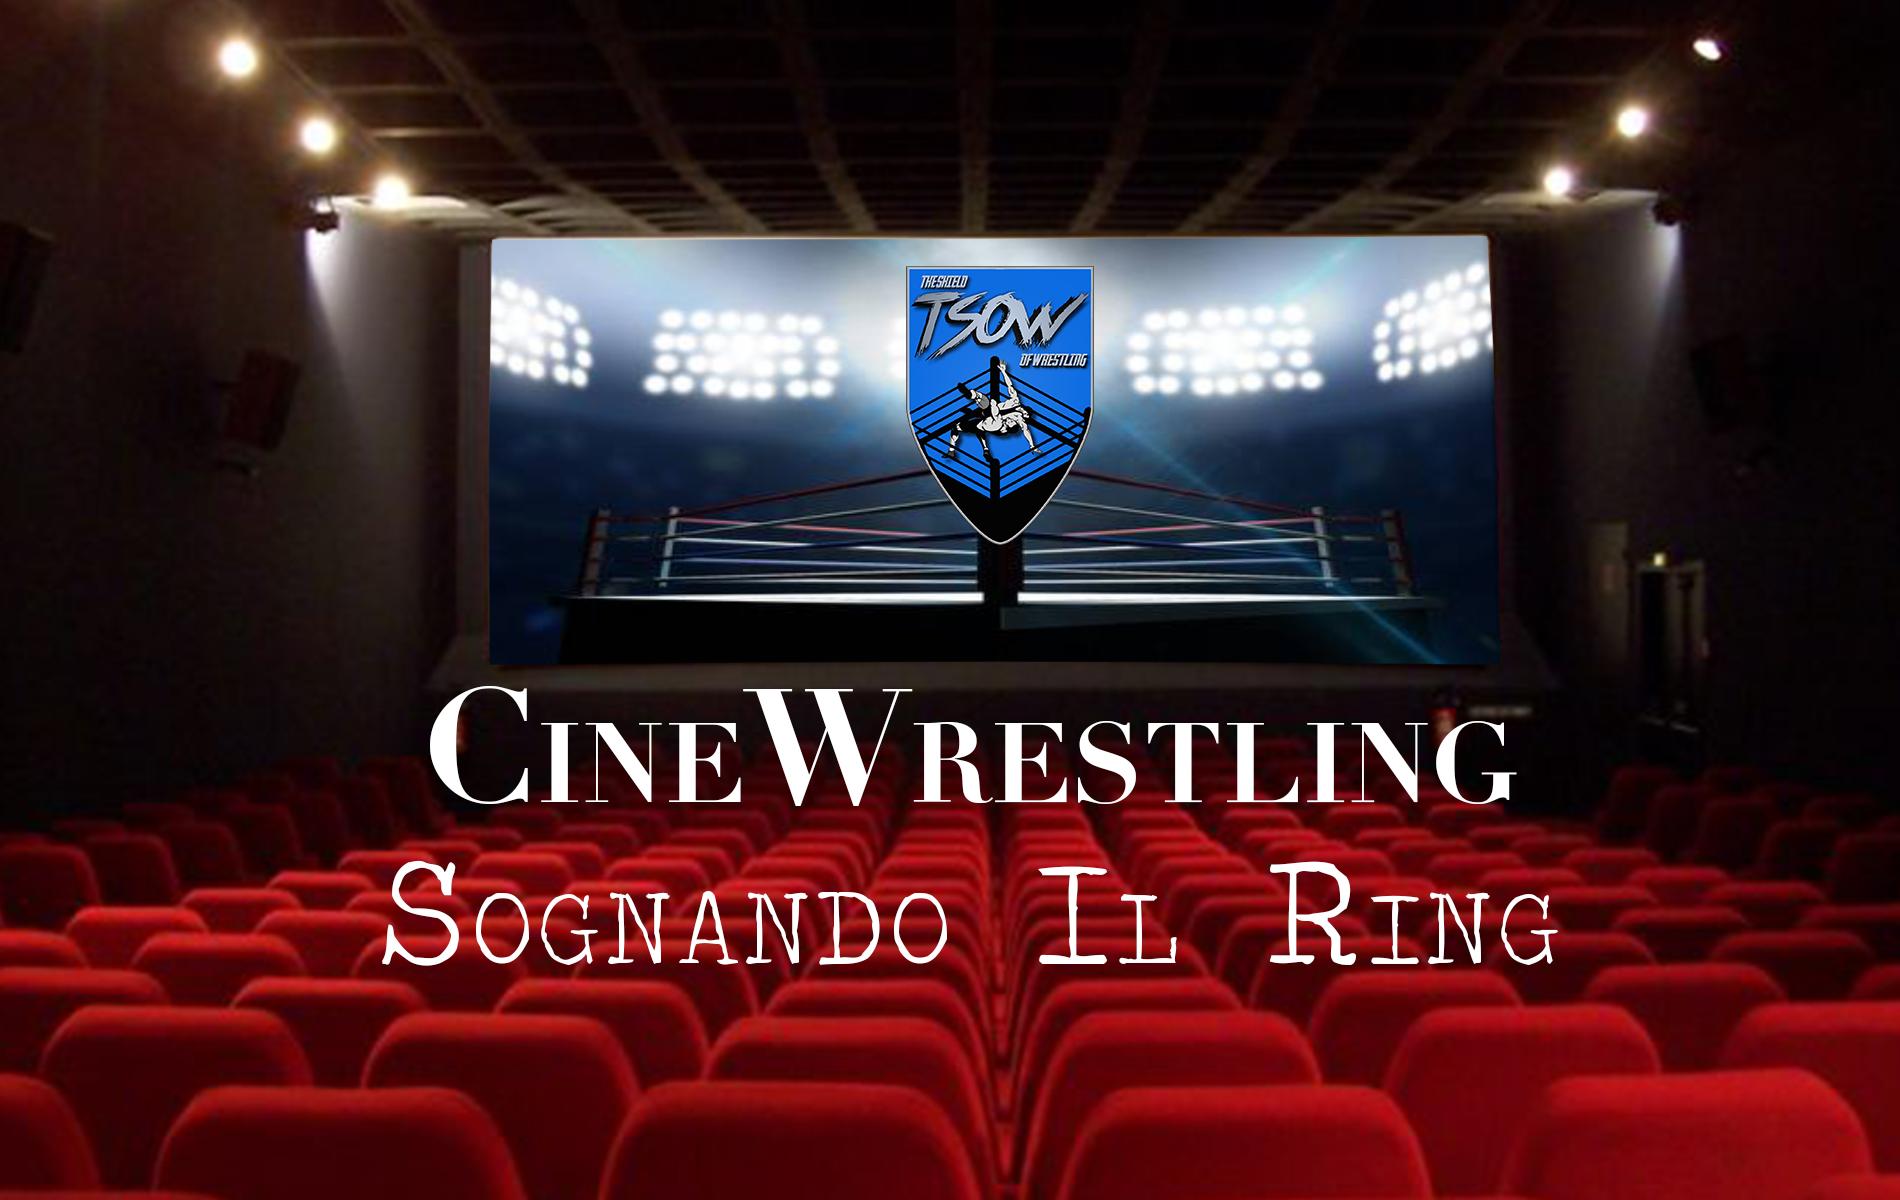 Sognando Il ring - La nostra recensione